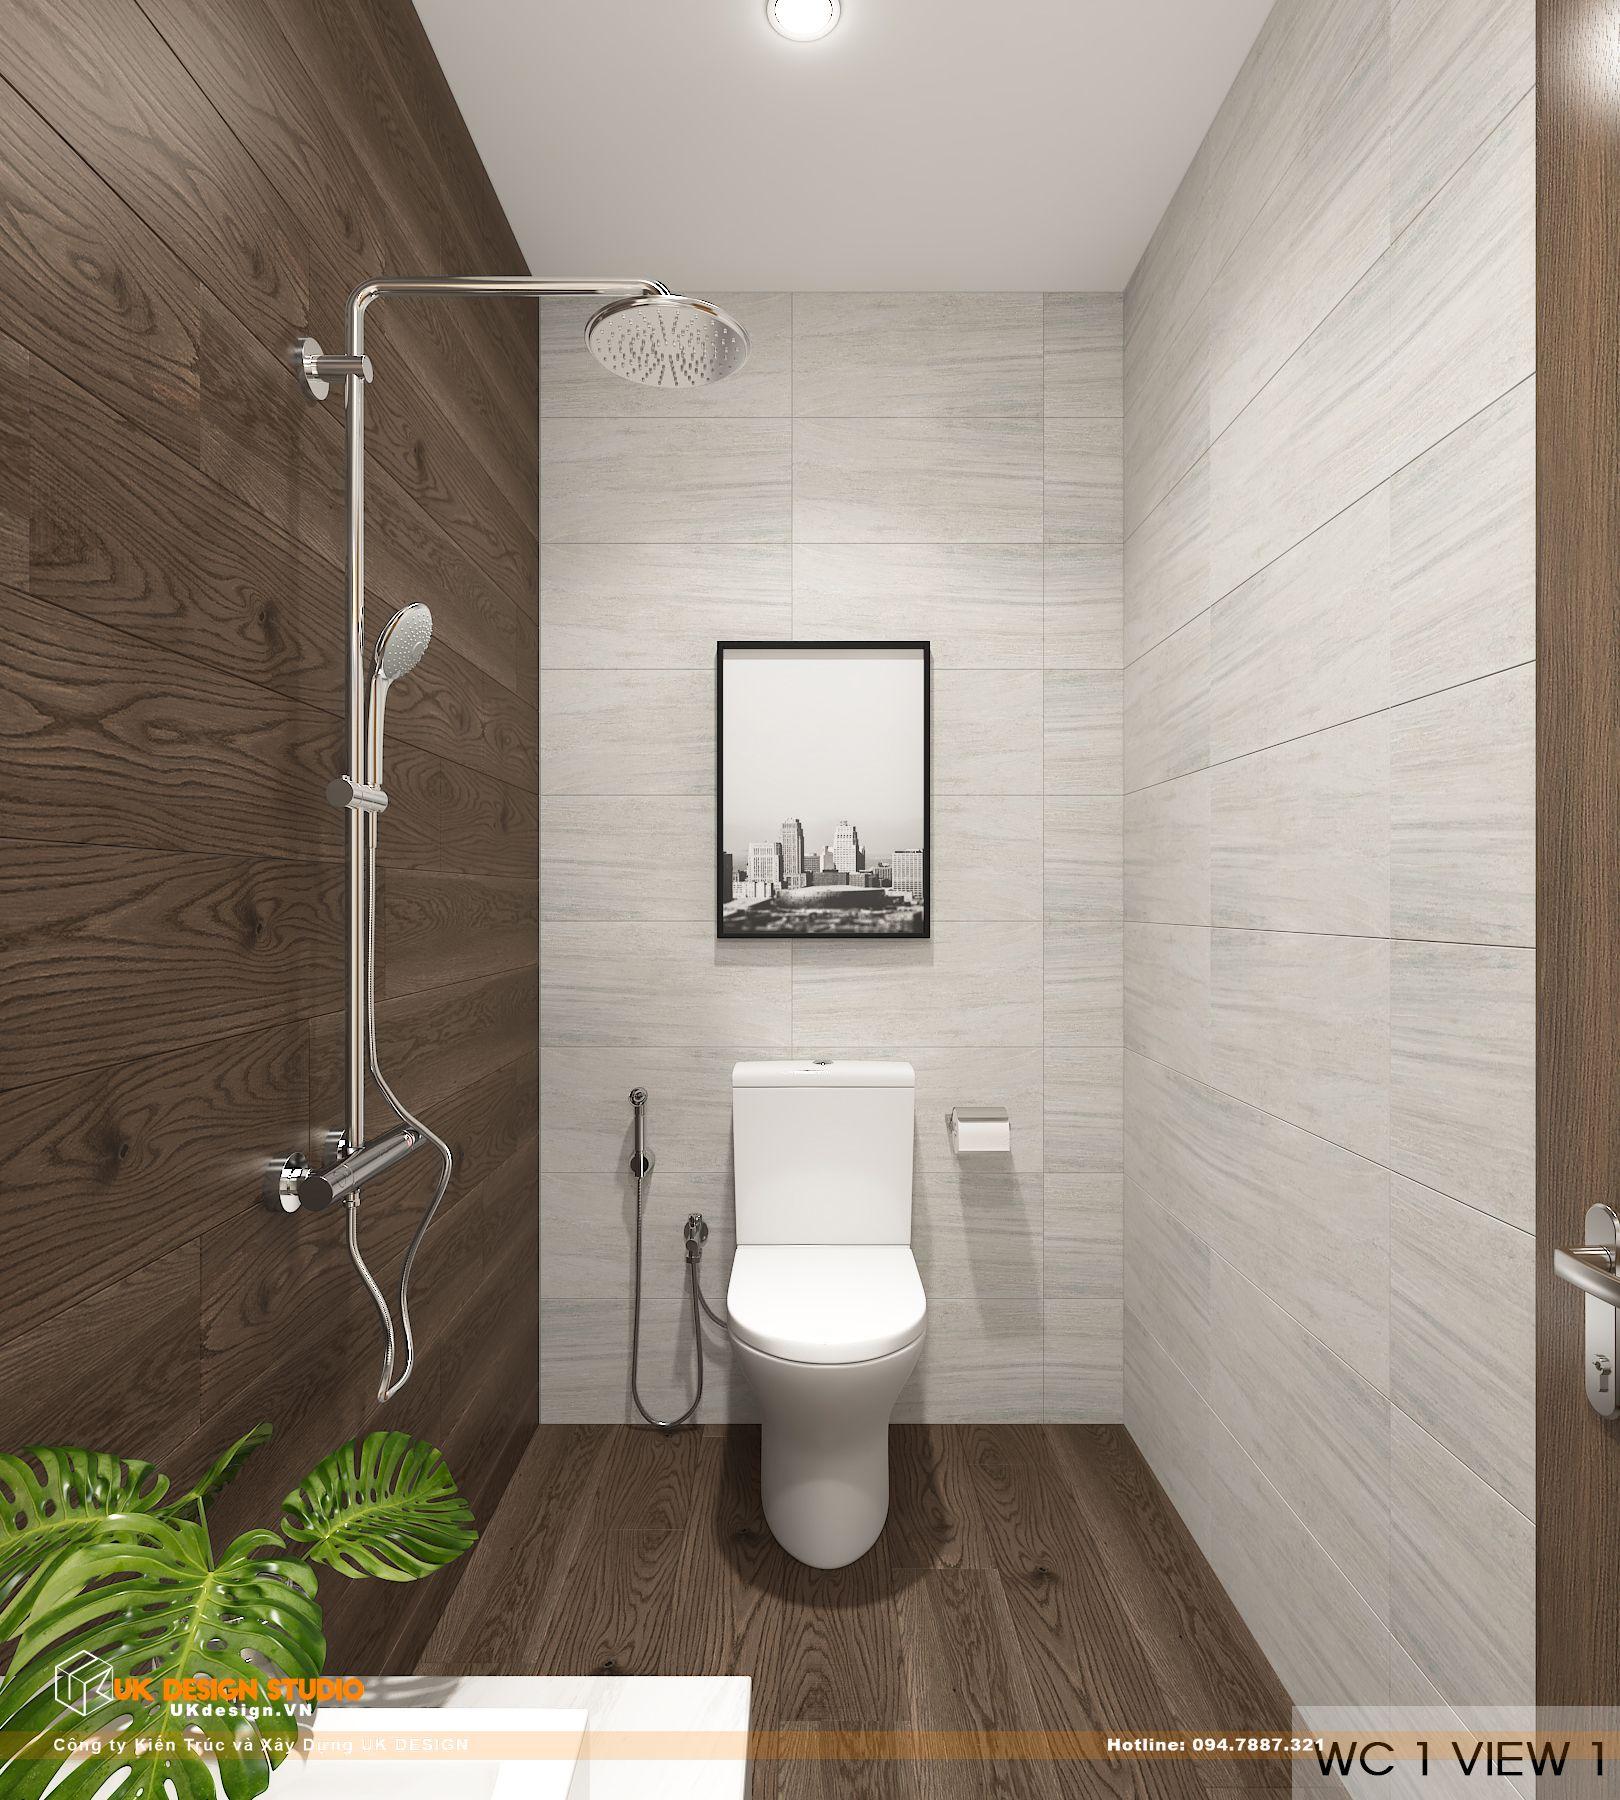 Thiết kế nội thất biệt thự nhà đẹp 3 tầng ở Quận 8 - phòng wc 1